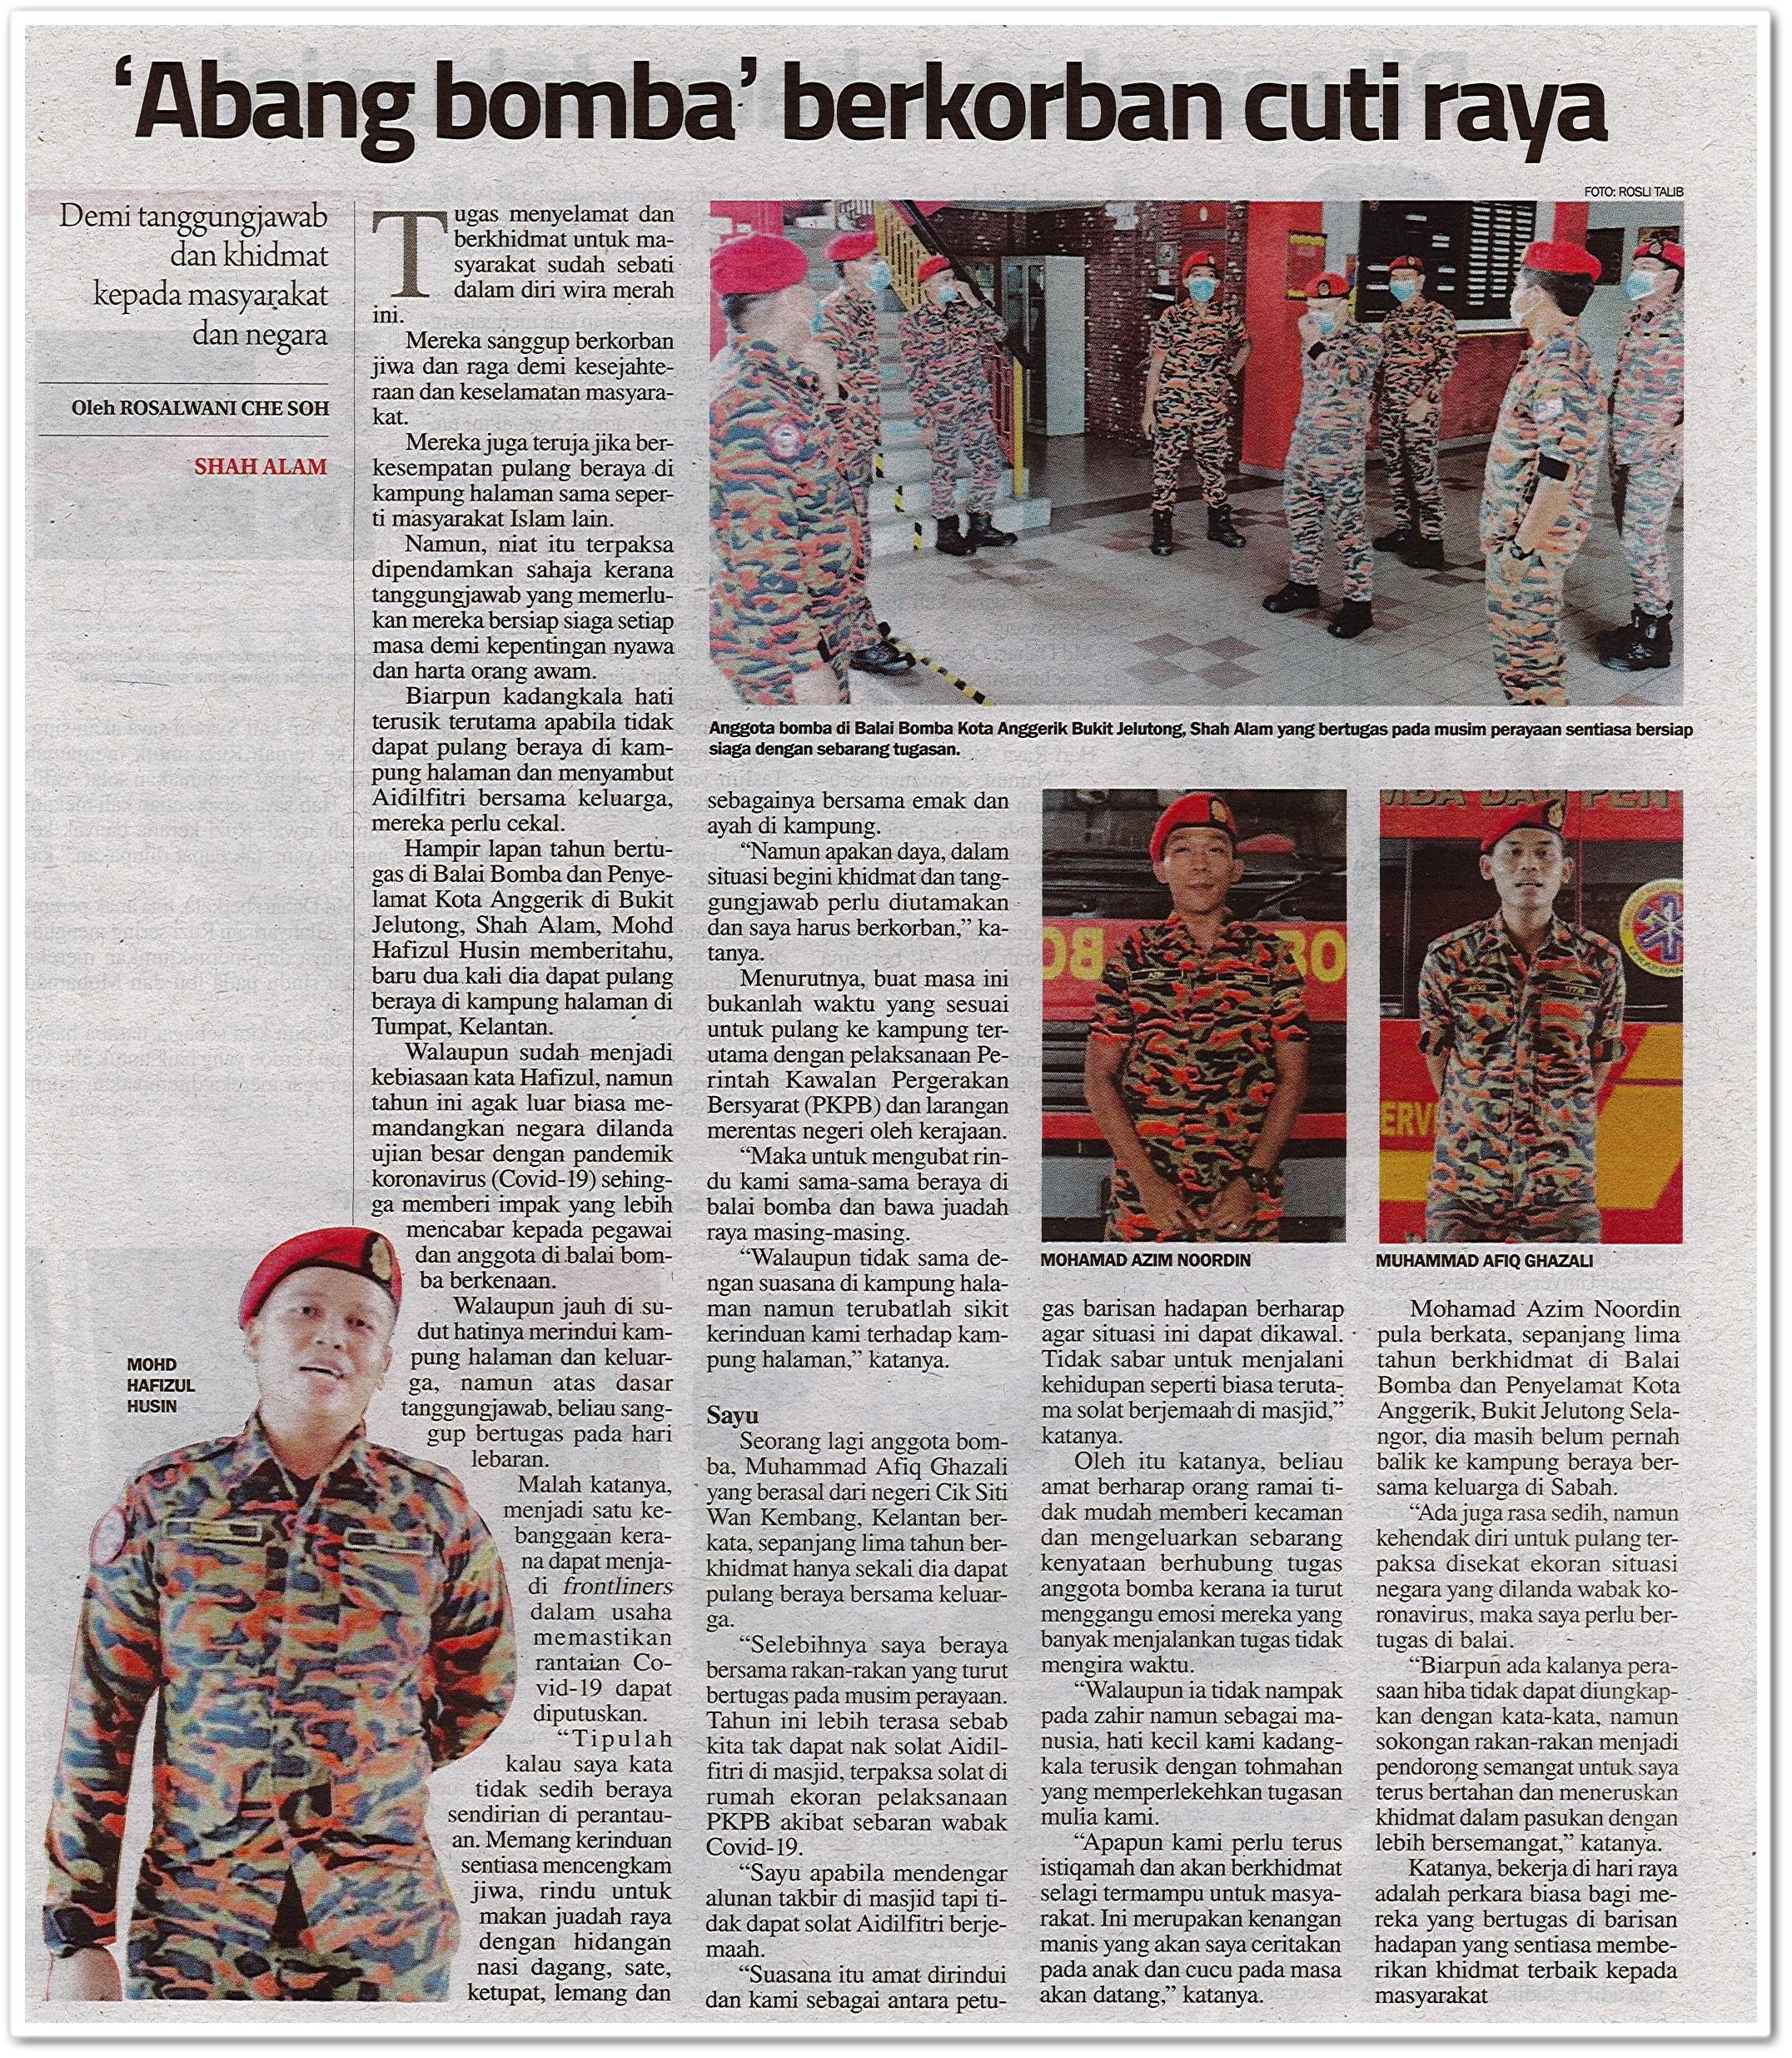 'Abang bomba' berkorban cuti raya - Keratan akhbar Sinar Harian 28 Mei 2020